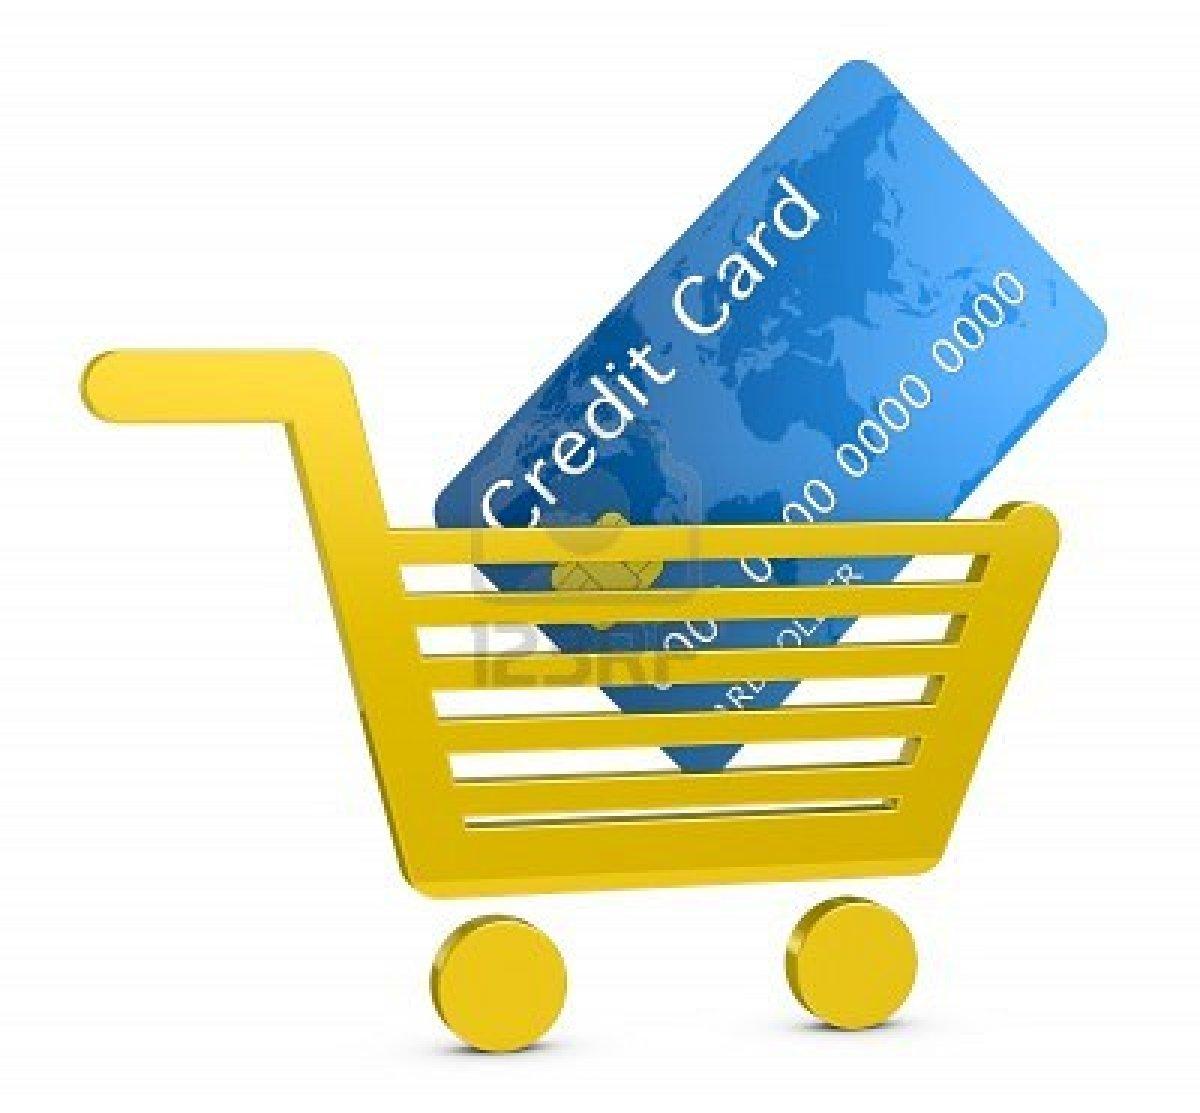 Buy modafinil online credit card